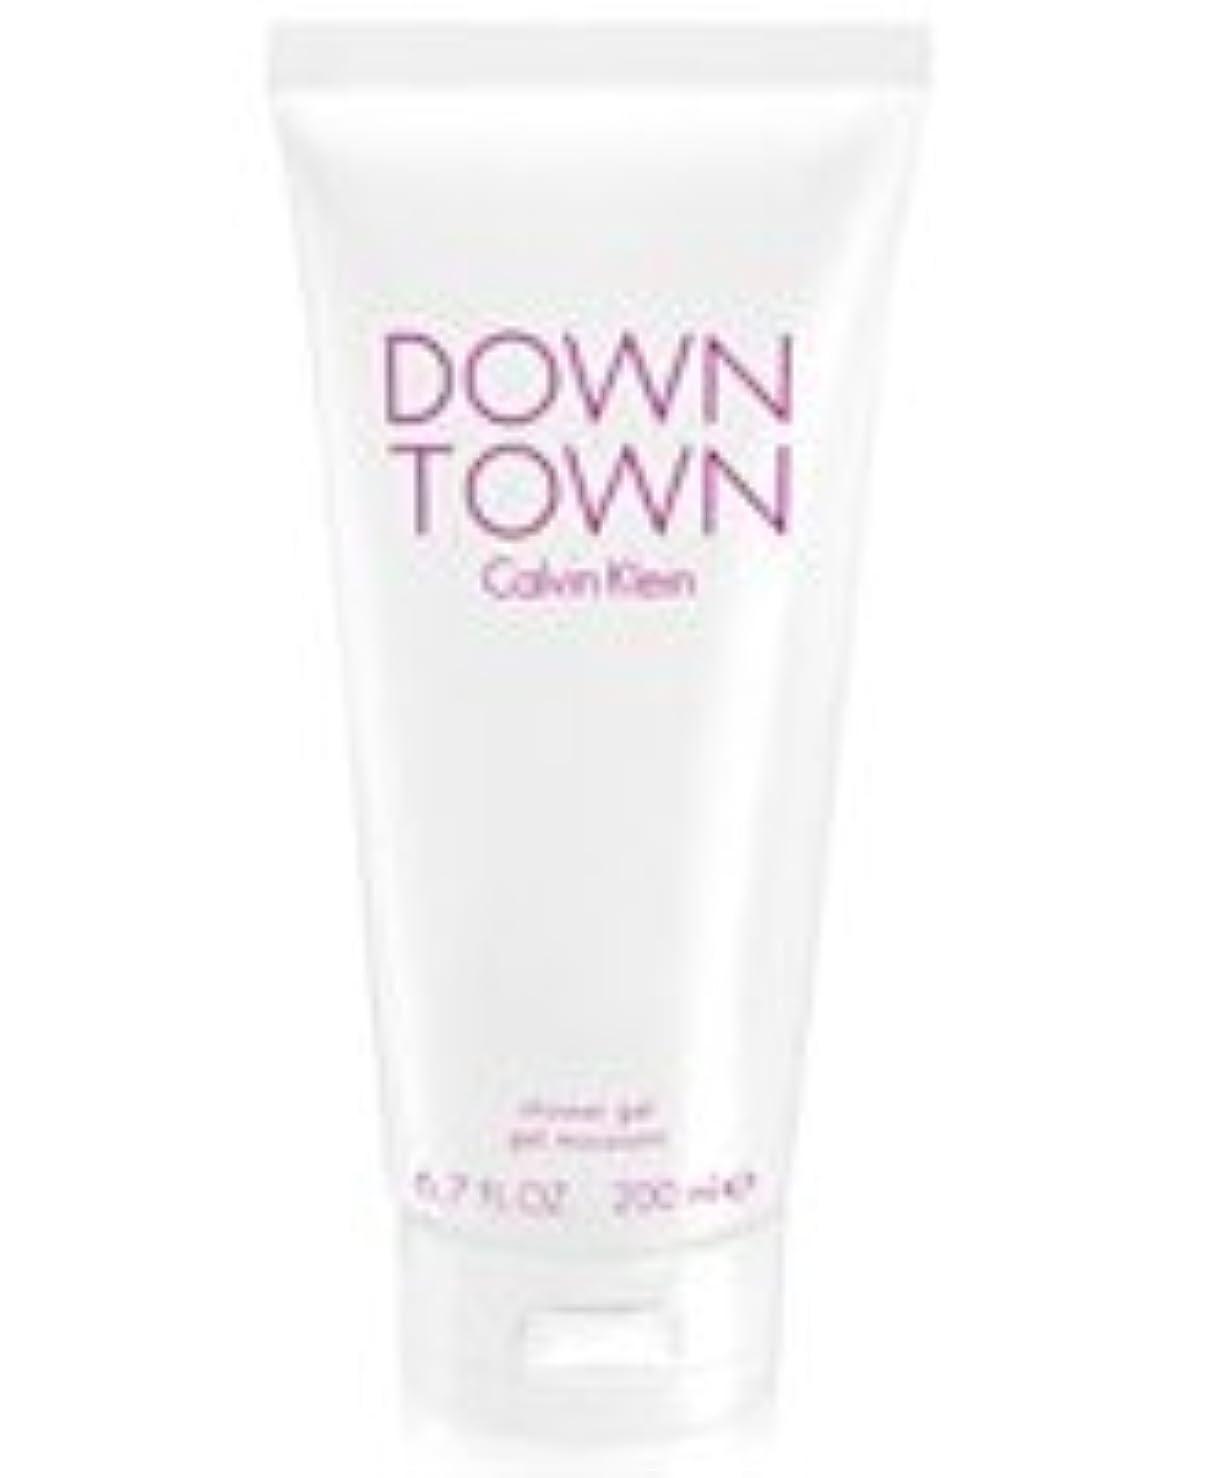 方法論ドアミラー幹Down Town (ダウンタウン) 6.7 oz (200ml) Body Wash by Calvin Klein for Women